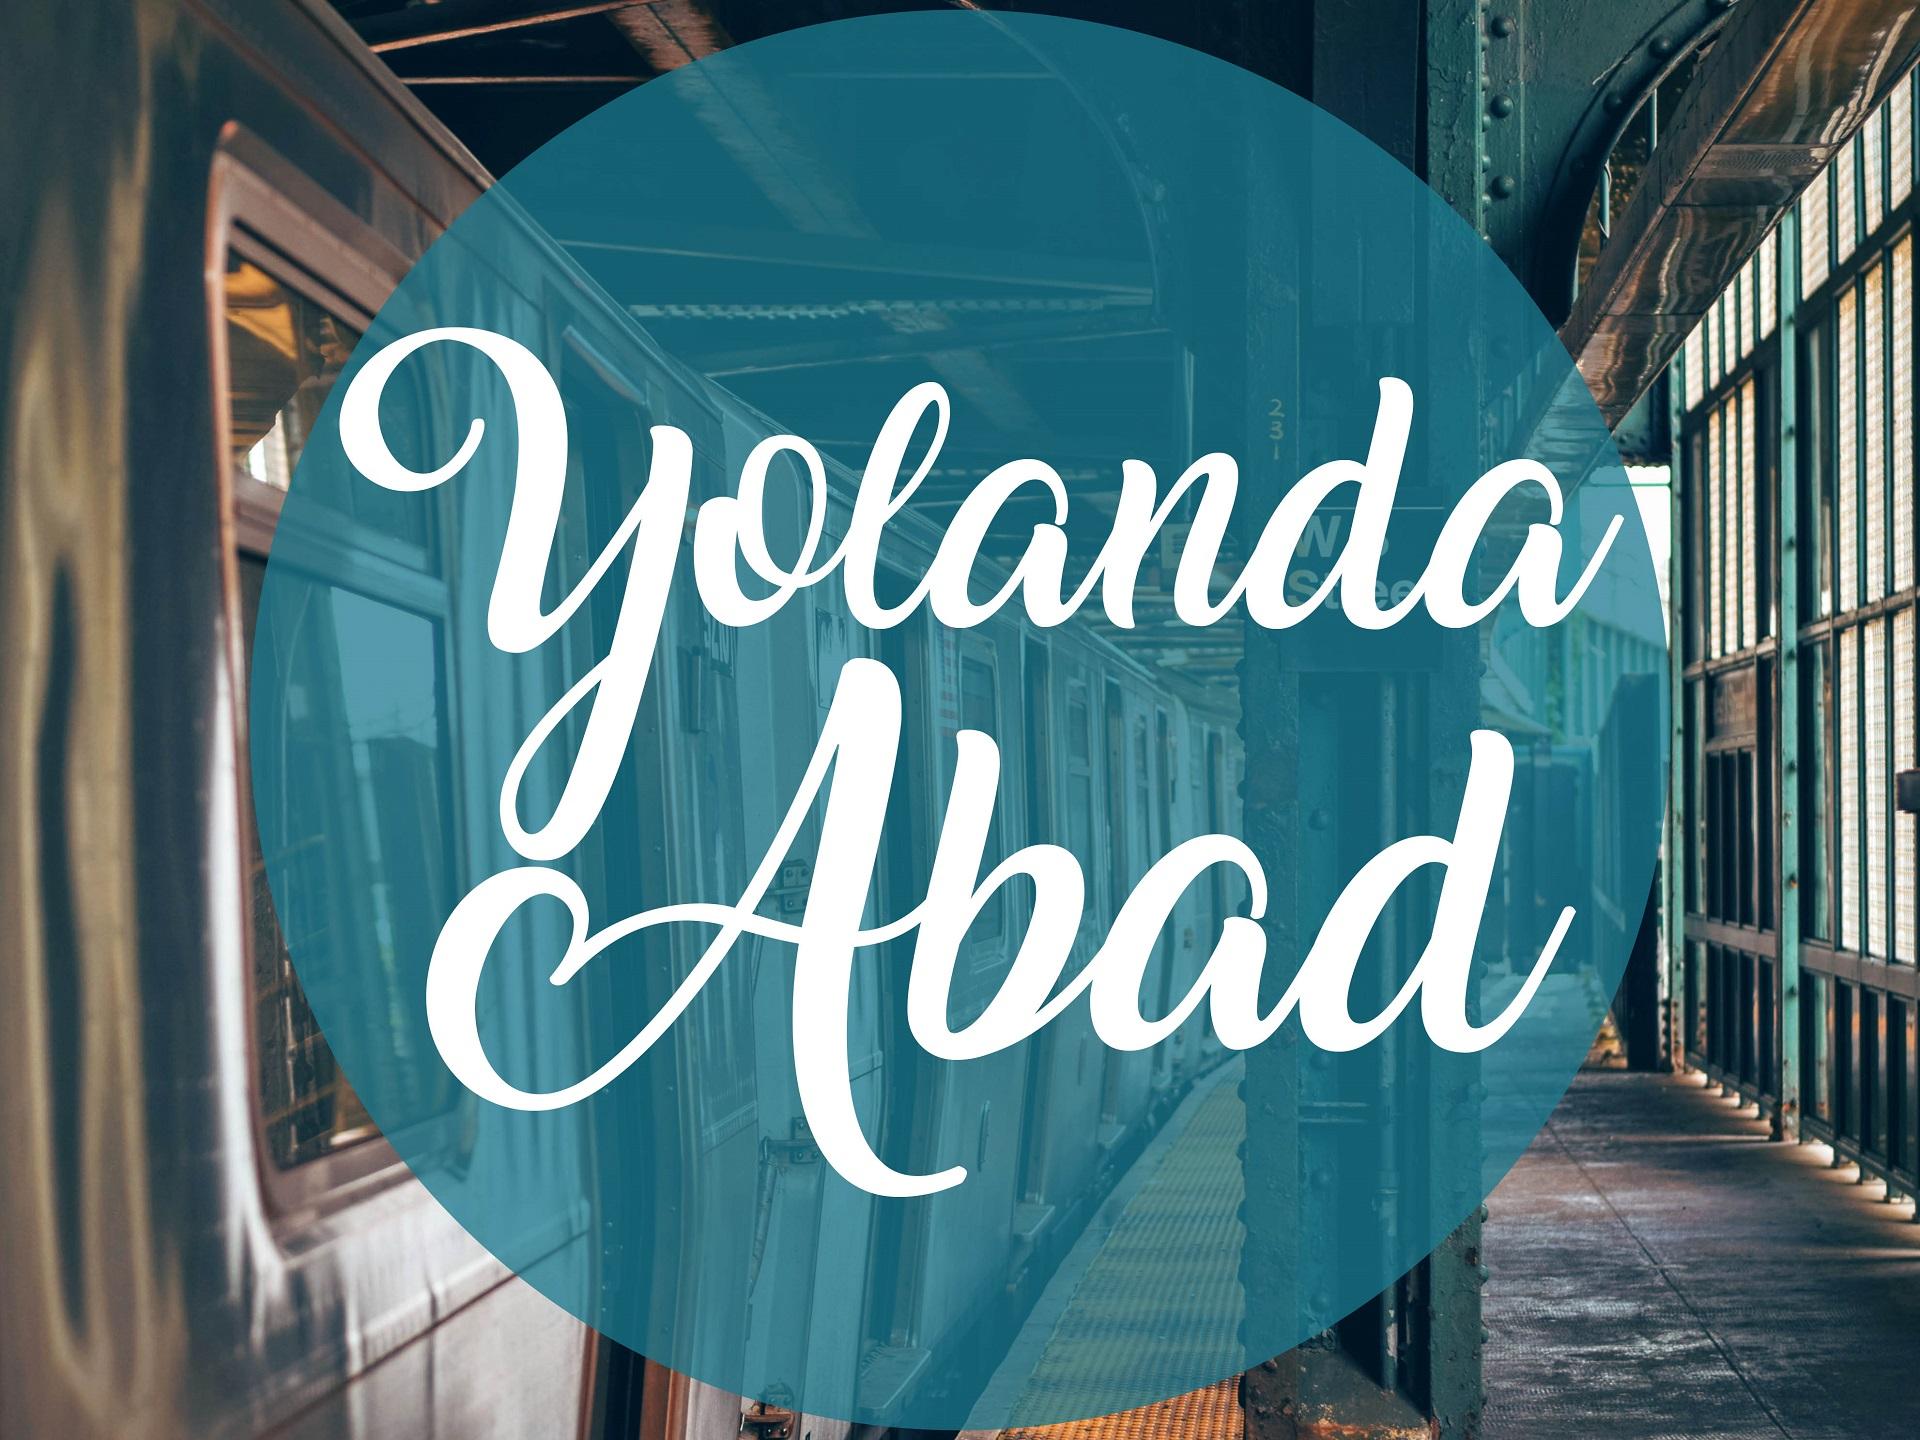 Yolanda Abad